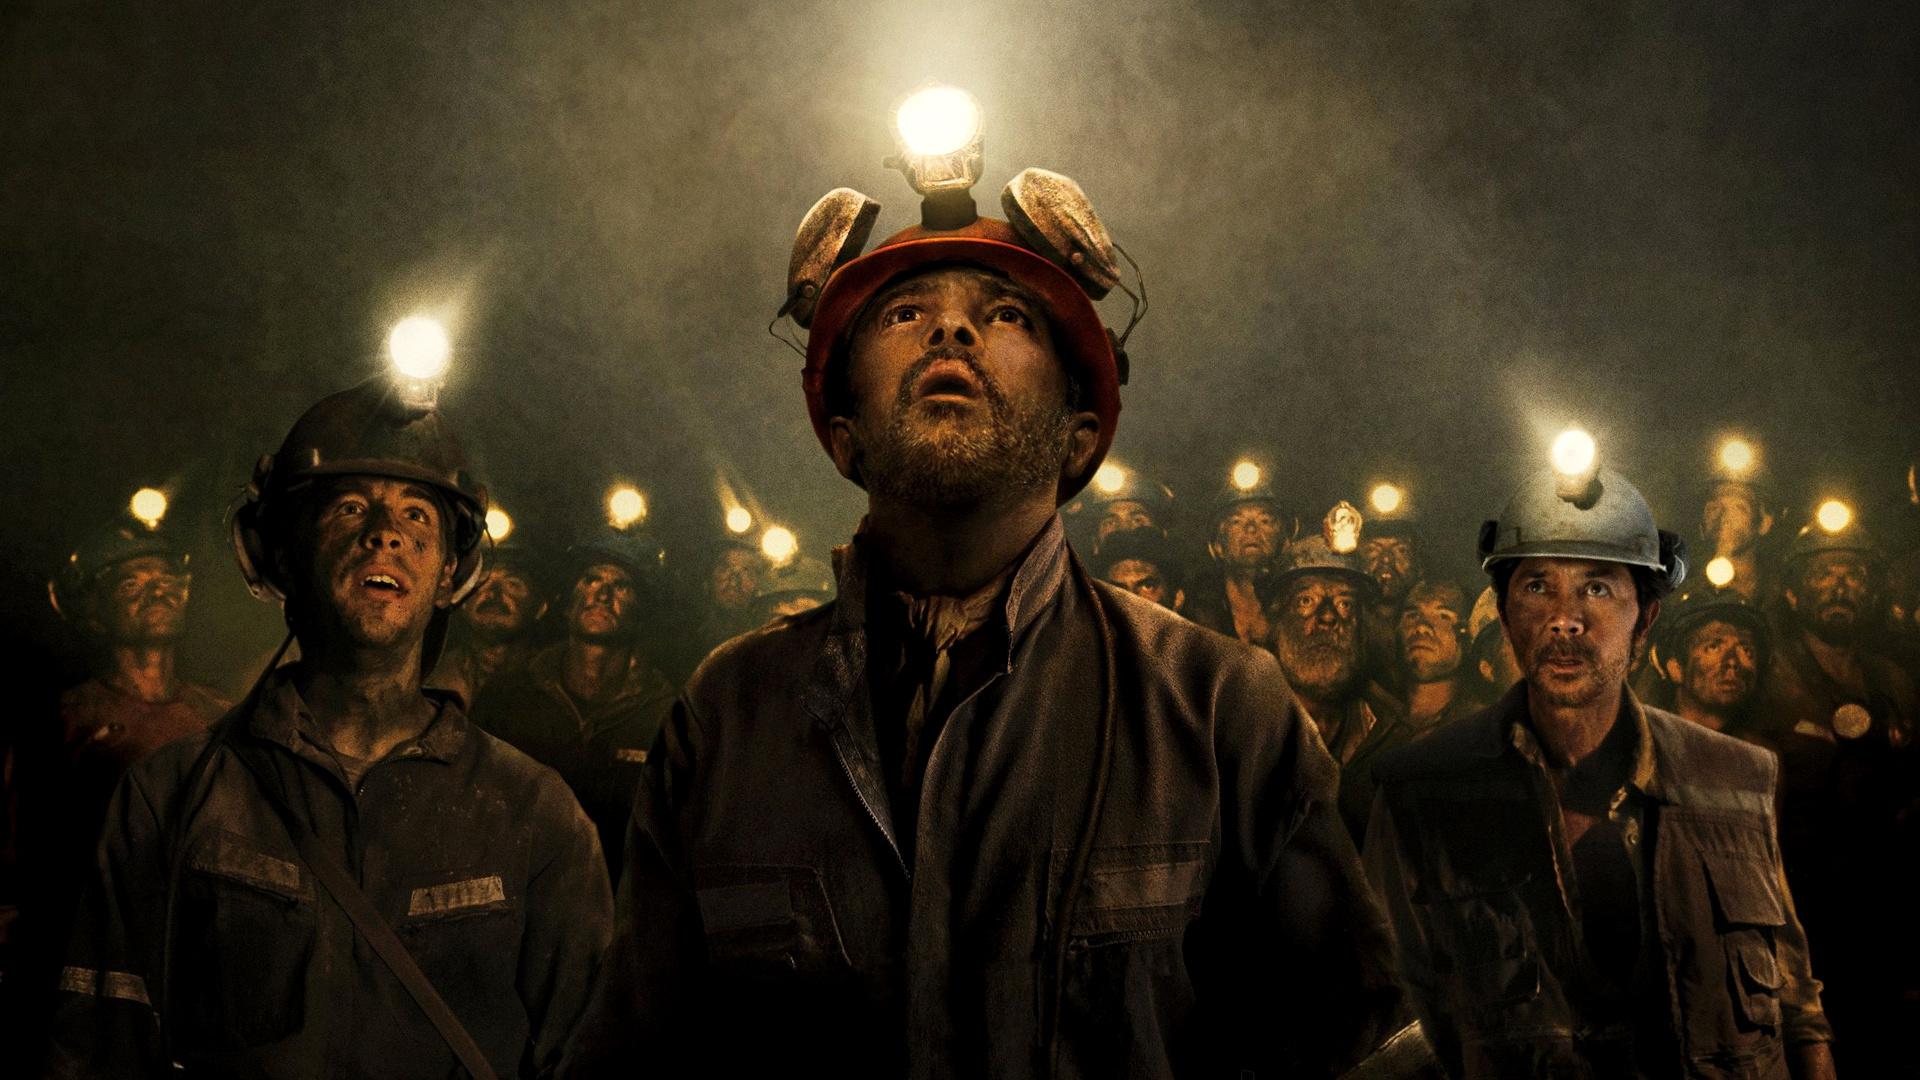 Прикольные картинки с шахтерами, завязать